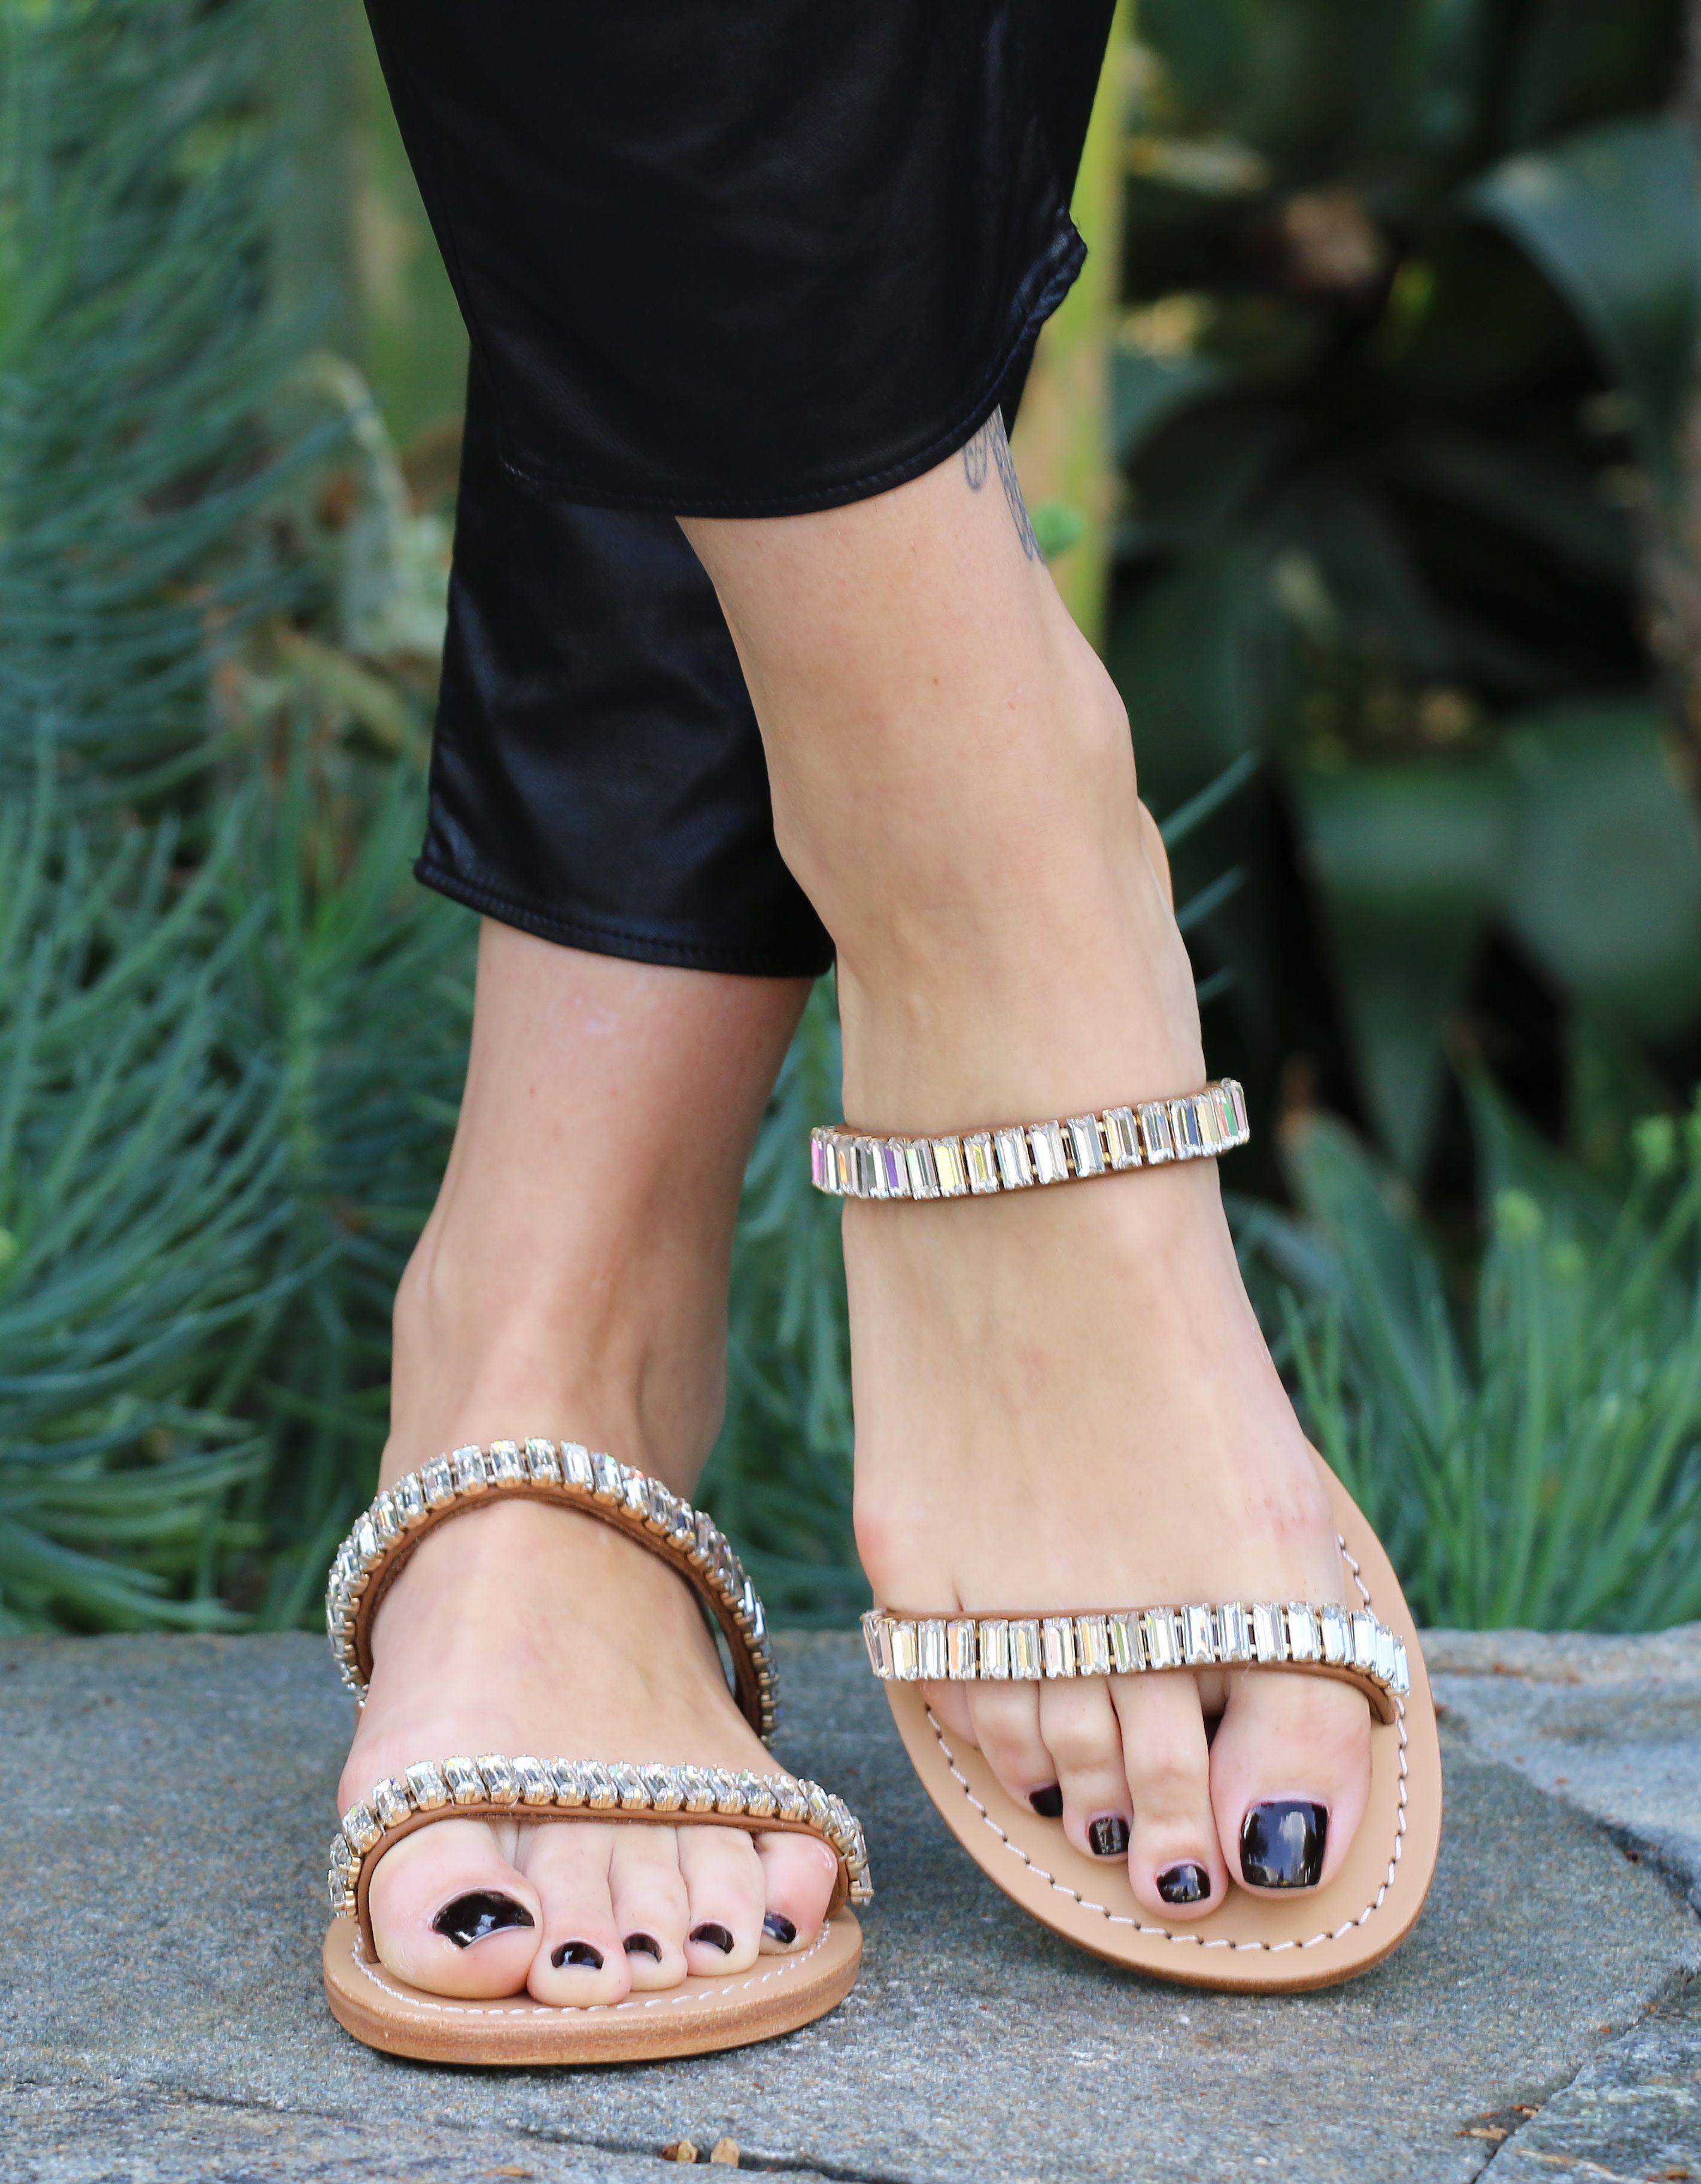 272beafc29080d Handmade Jeweled Slide Sandals! Simple